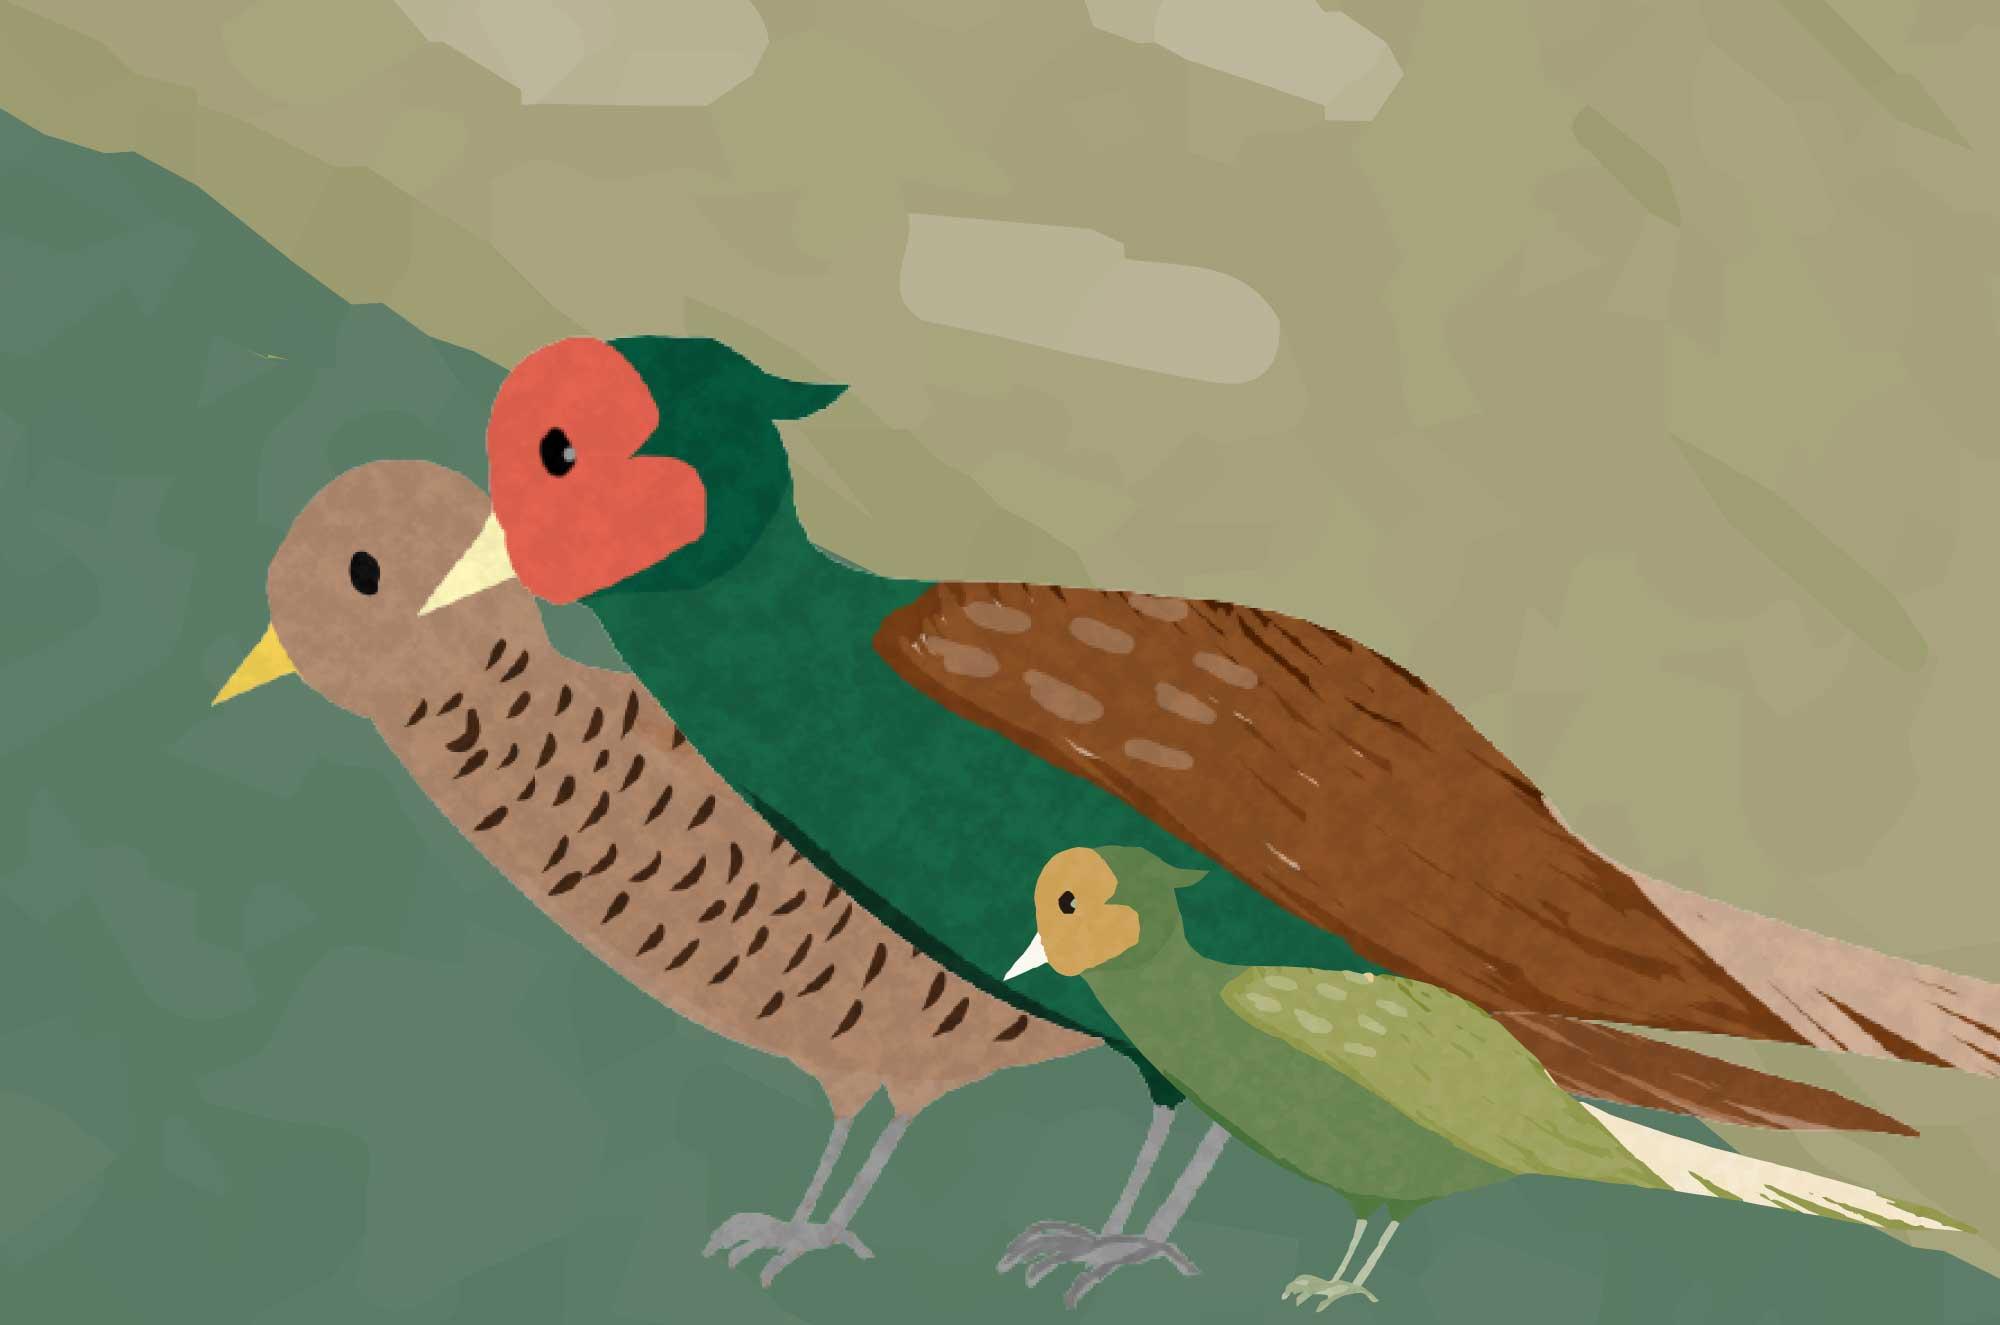 可愛いキジのイラスト - 日本の手書きの野鳥無料素材